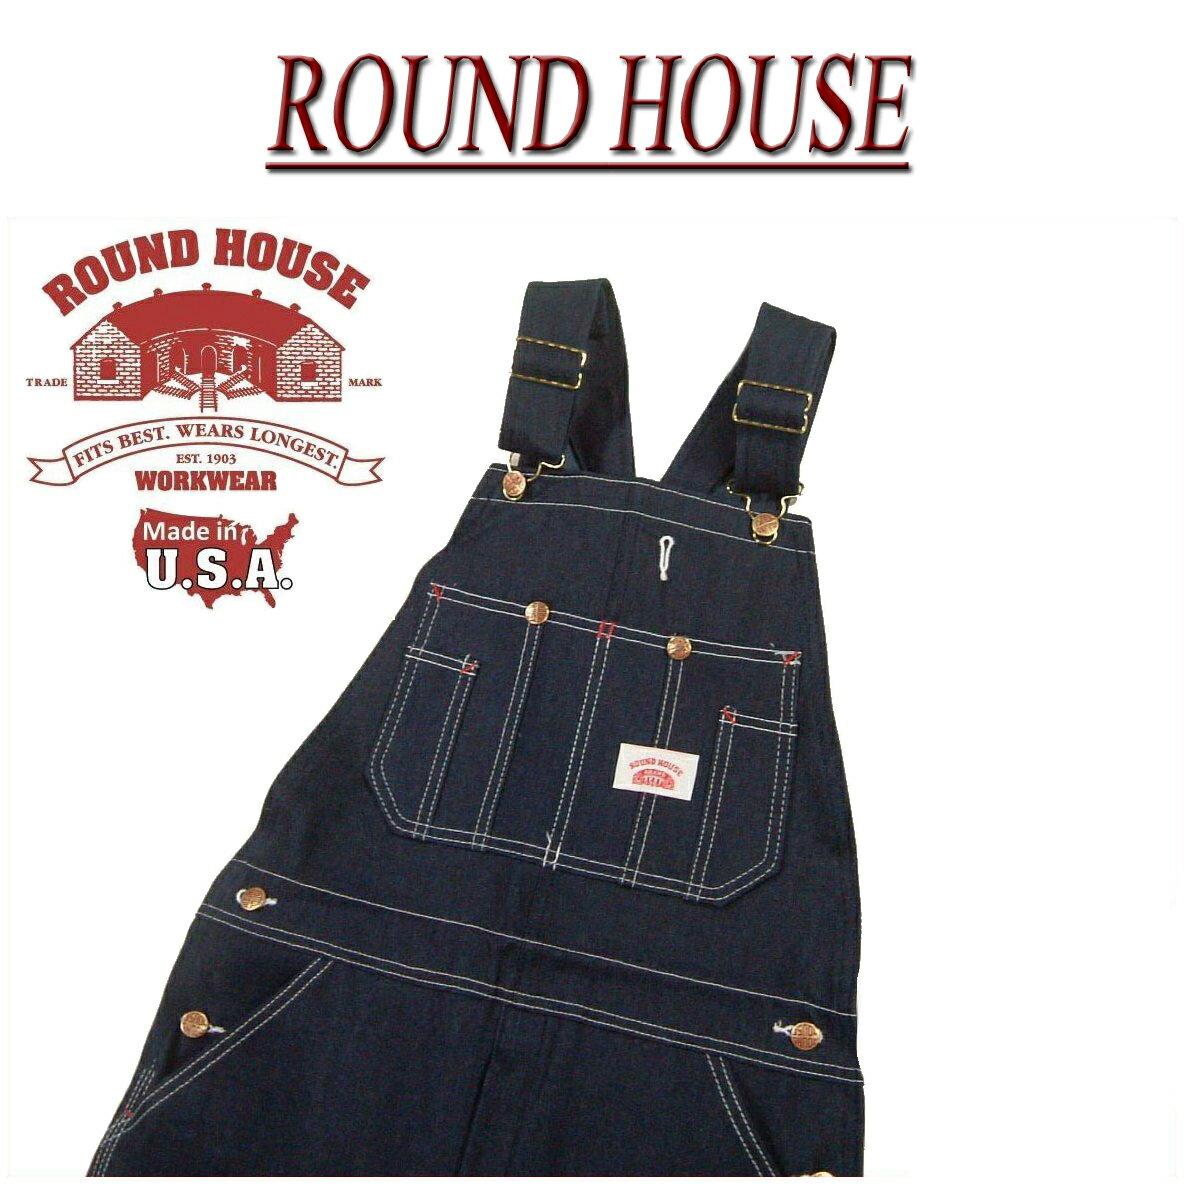 【超定番 7サイズ】 af091 新品 ROUND HOUSE USA製 CLASSIC BLUE OVERALLS クラシックブルー デニム オーバーオール Lot980 メンズ ラウンドハウス アメカジ ワーク 【smtb-kd】 RoundHouse Made in USA